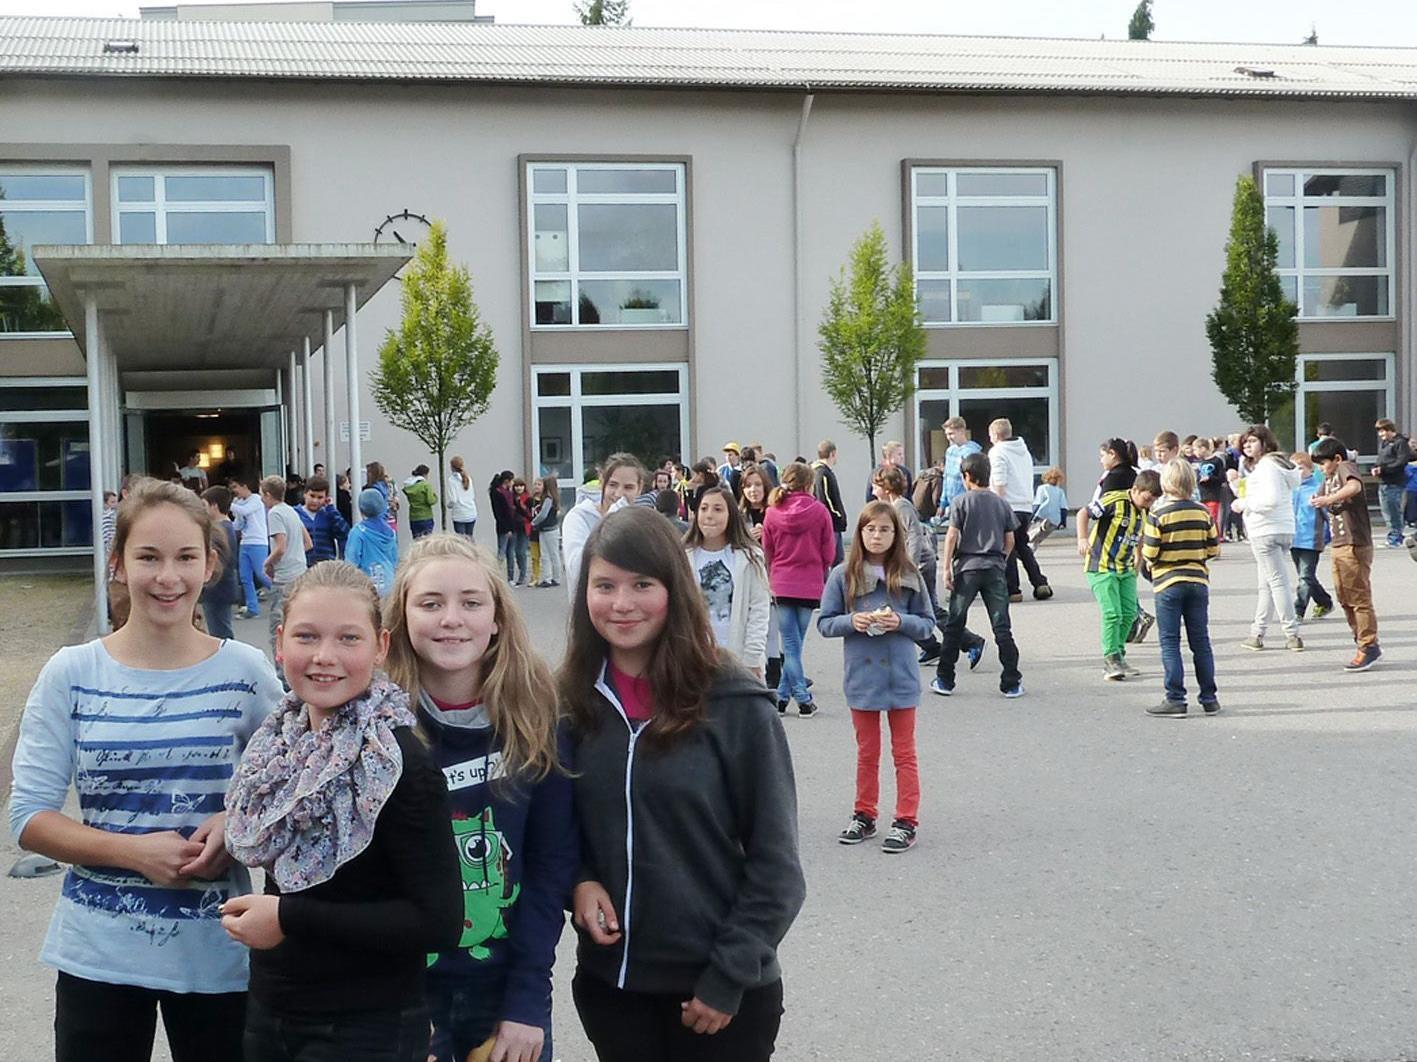 Im heurigen Schuljahr besuchen 360 Schüler und Schüler die SMS Markt.